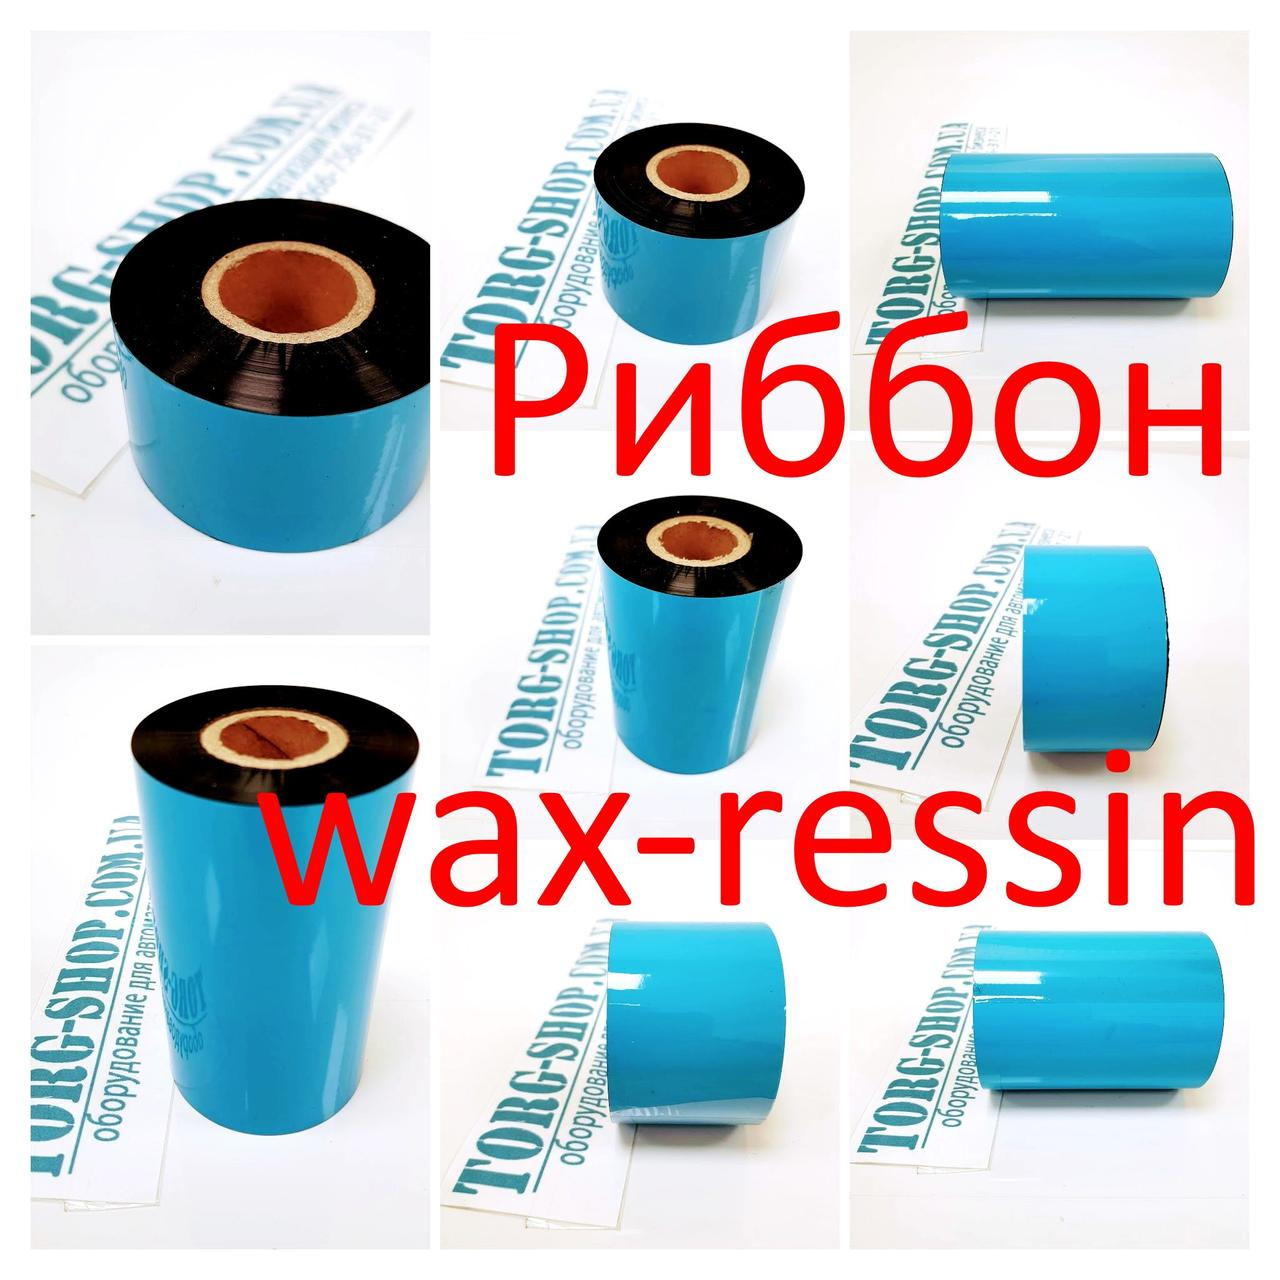 Риббон WAX/RESIN Красящая лента для печати на полипропиленовой этикетке, полуглянцевой